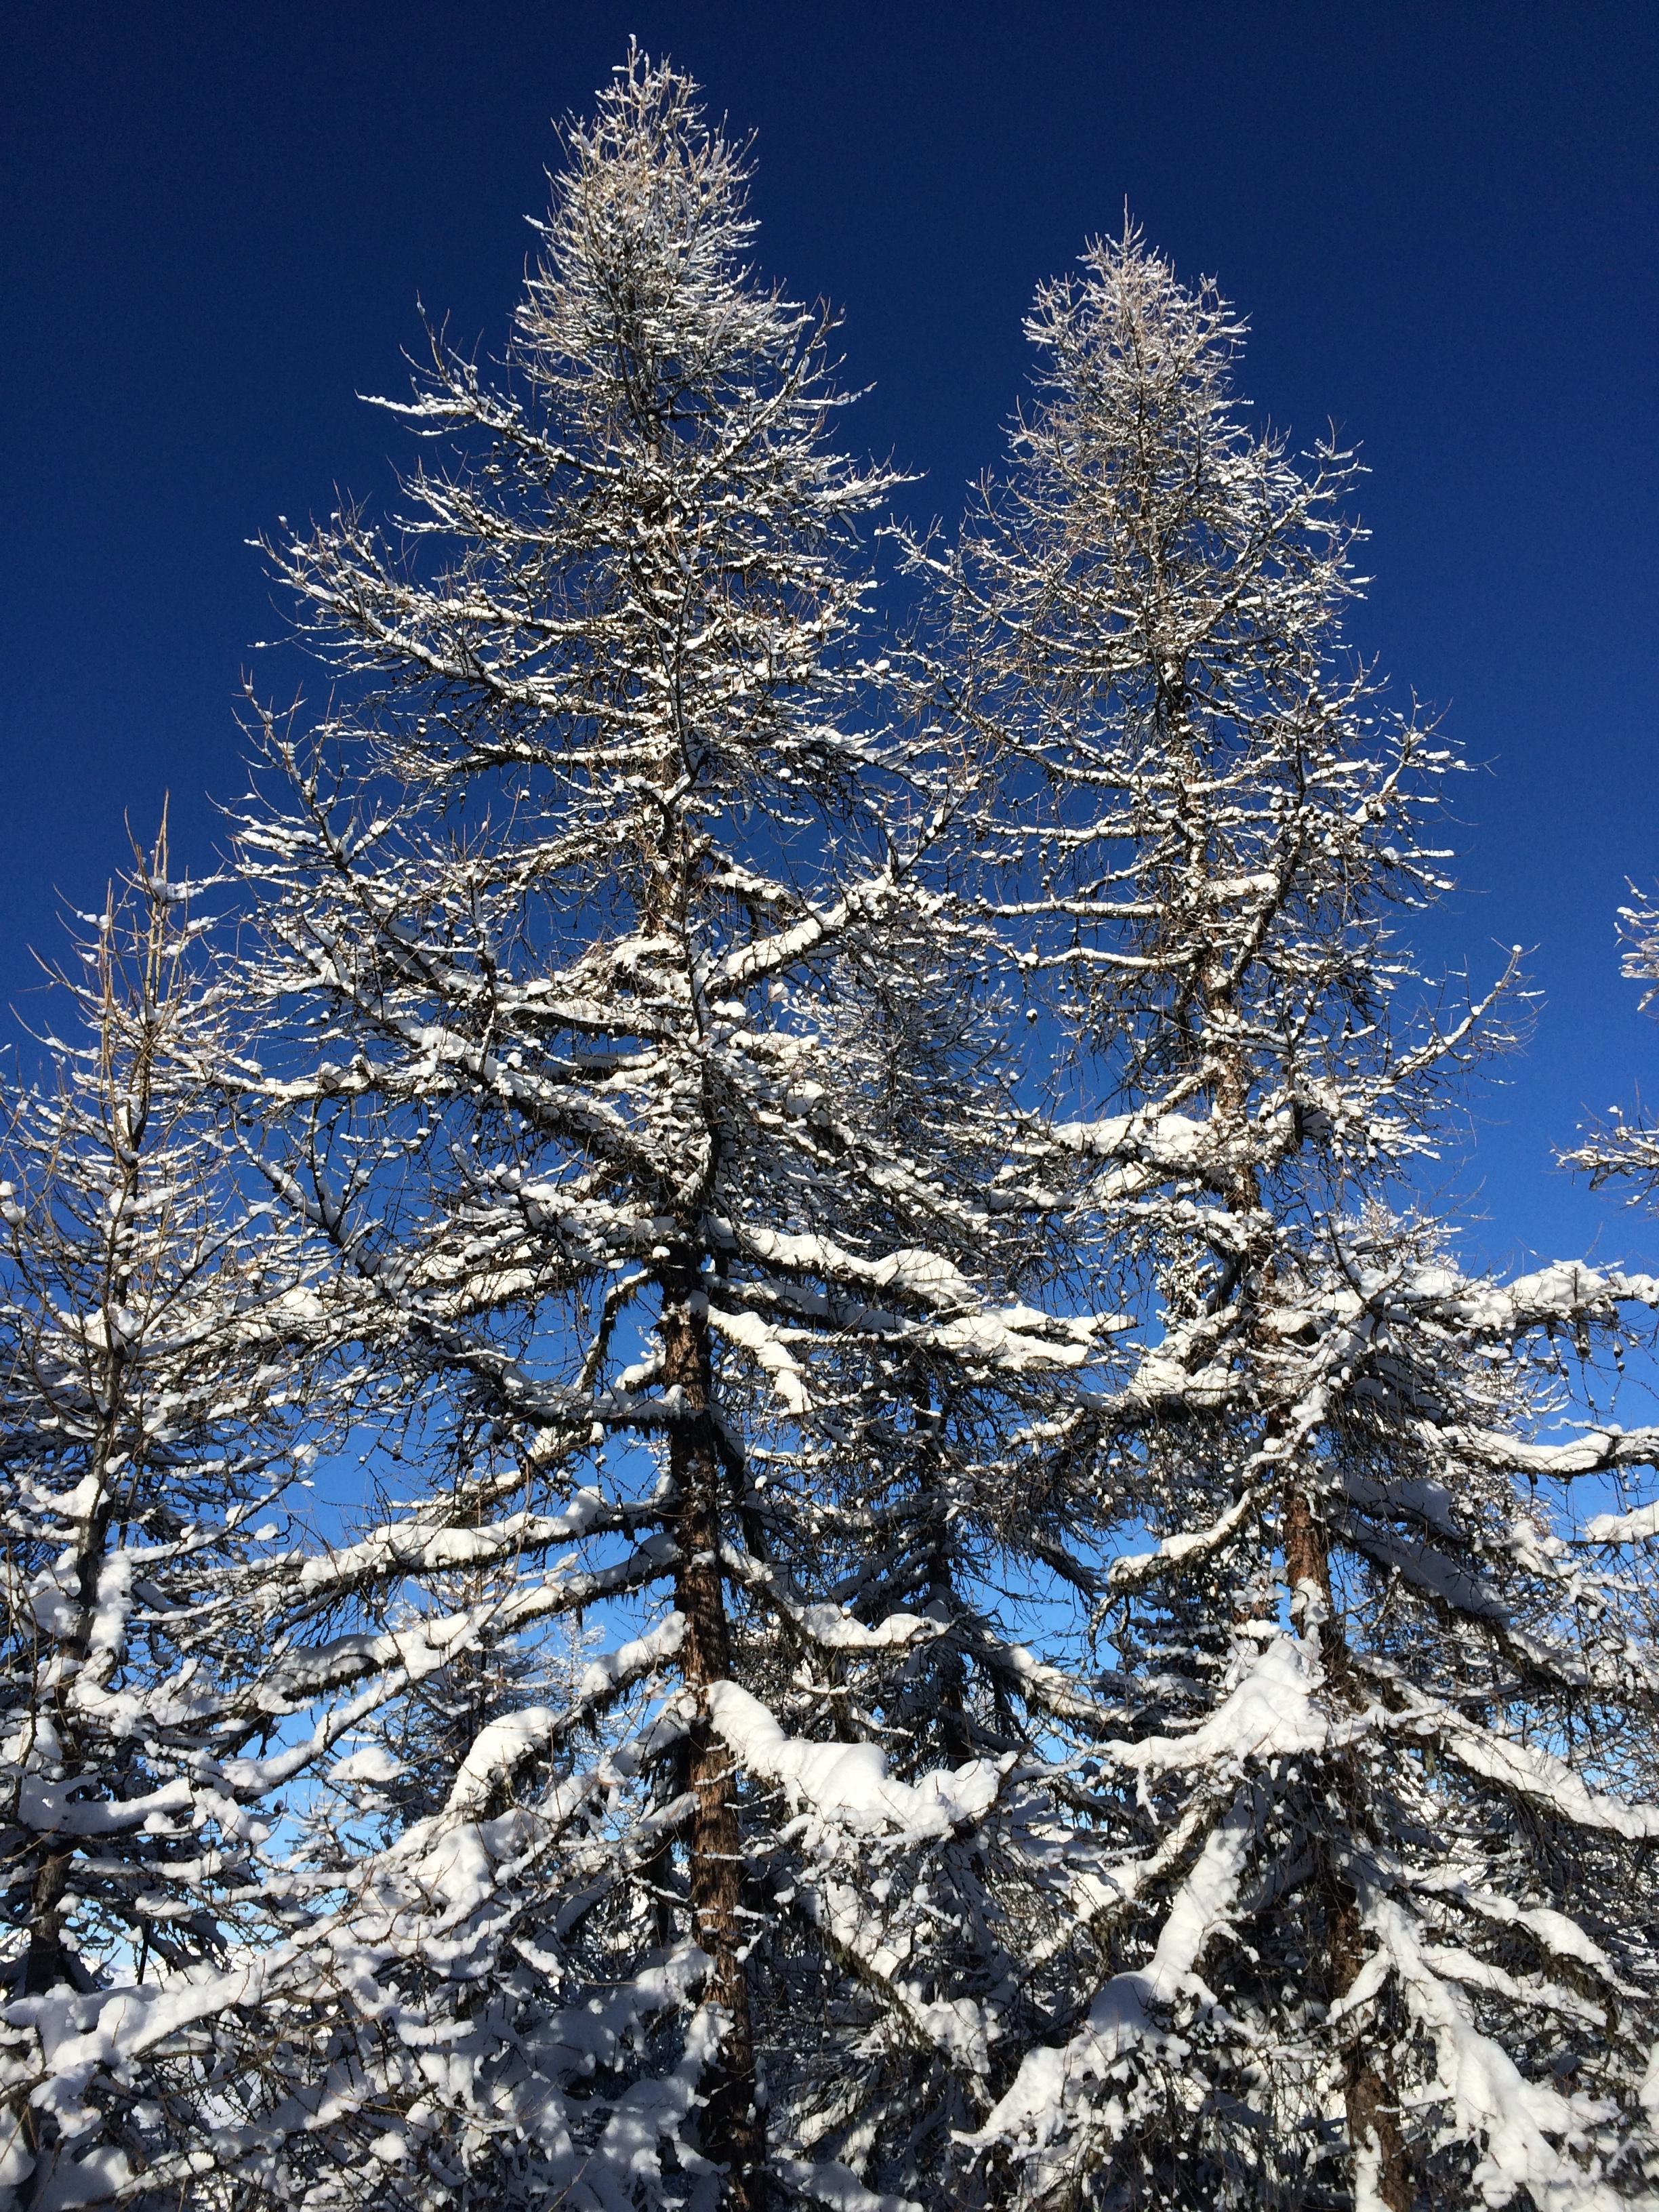 les arbres enneigées sur la station de ski de la plagne madame voyage